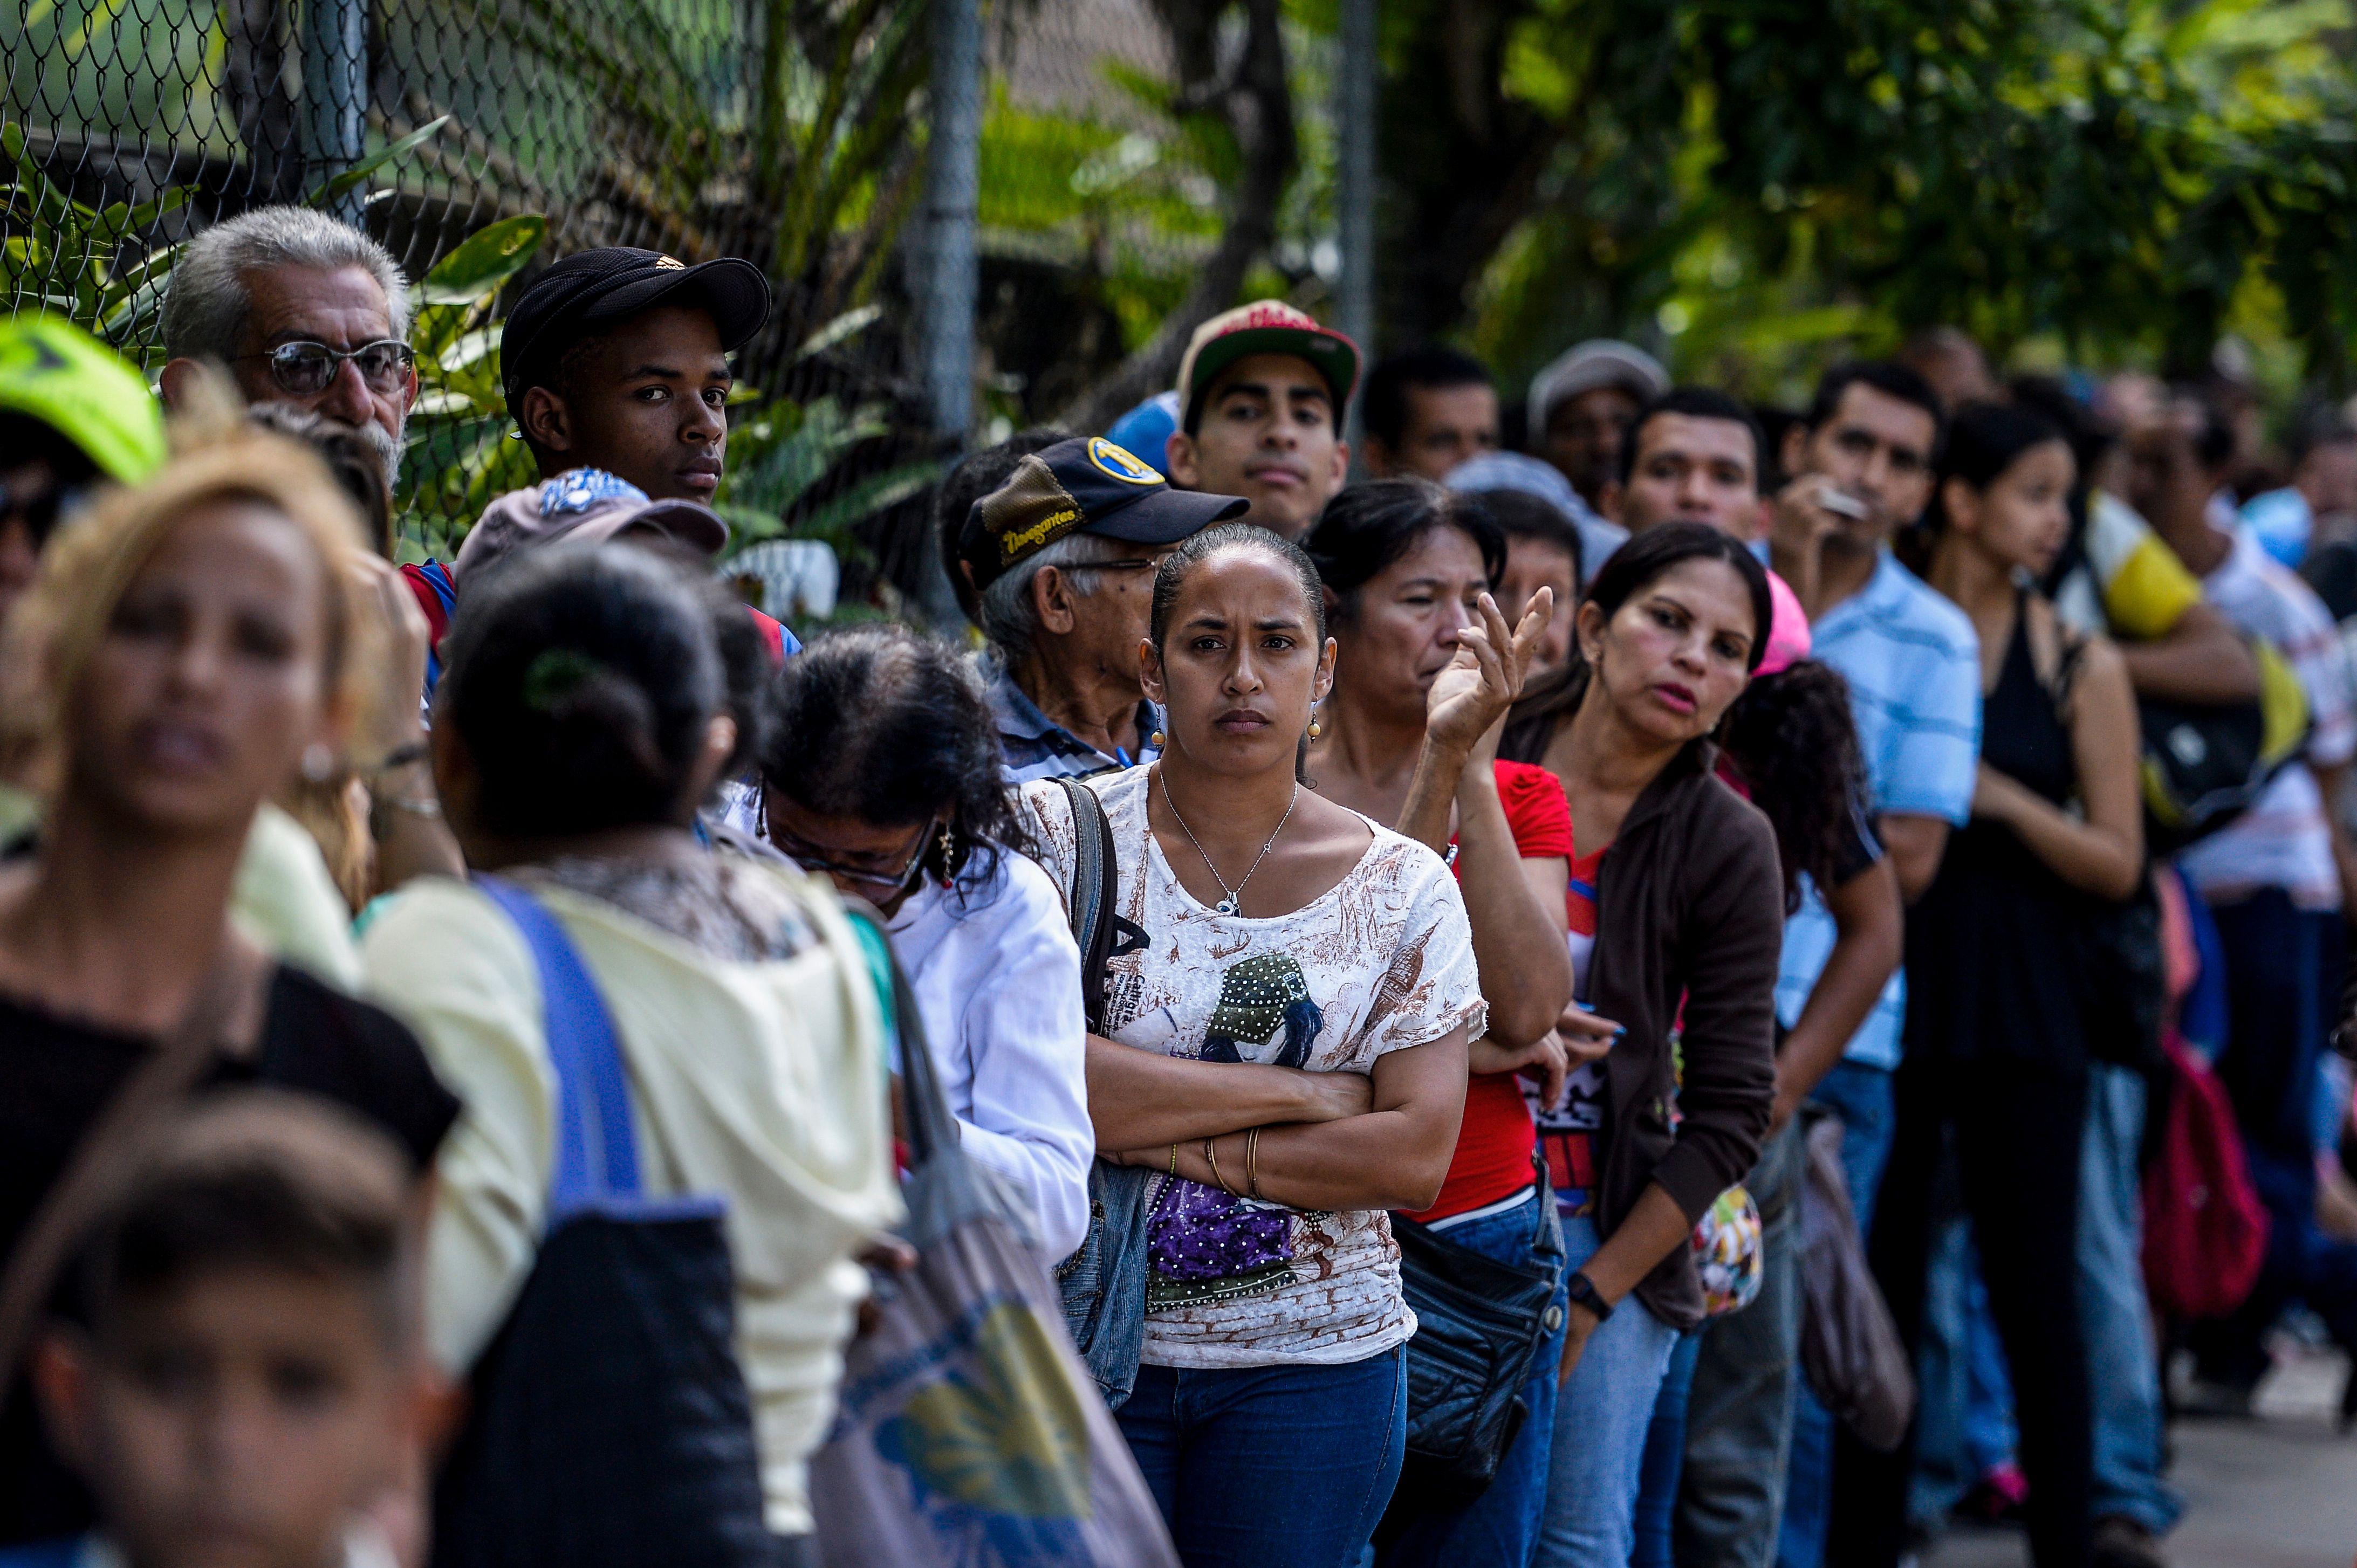 VENEZUELA-CRISIS-SHORTAGE